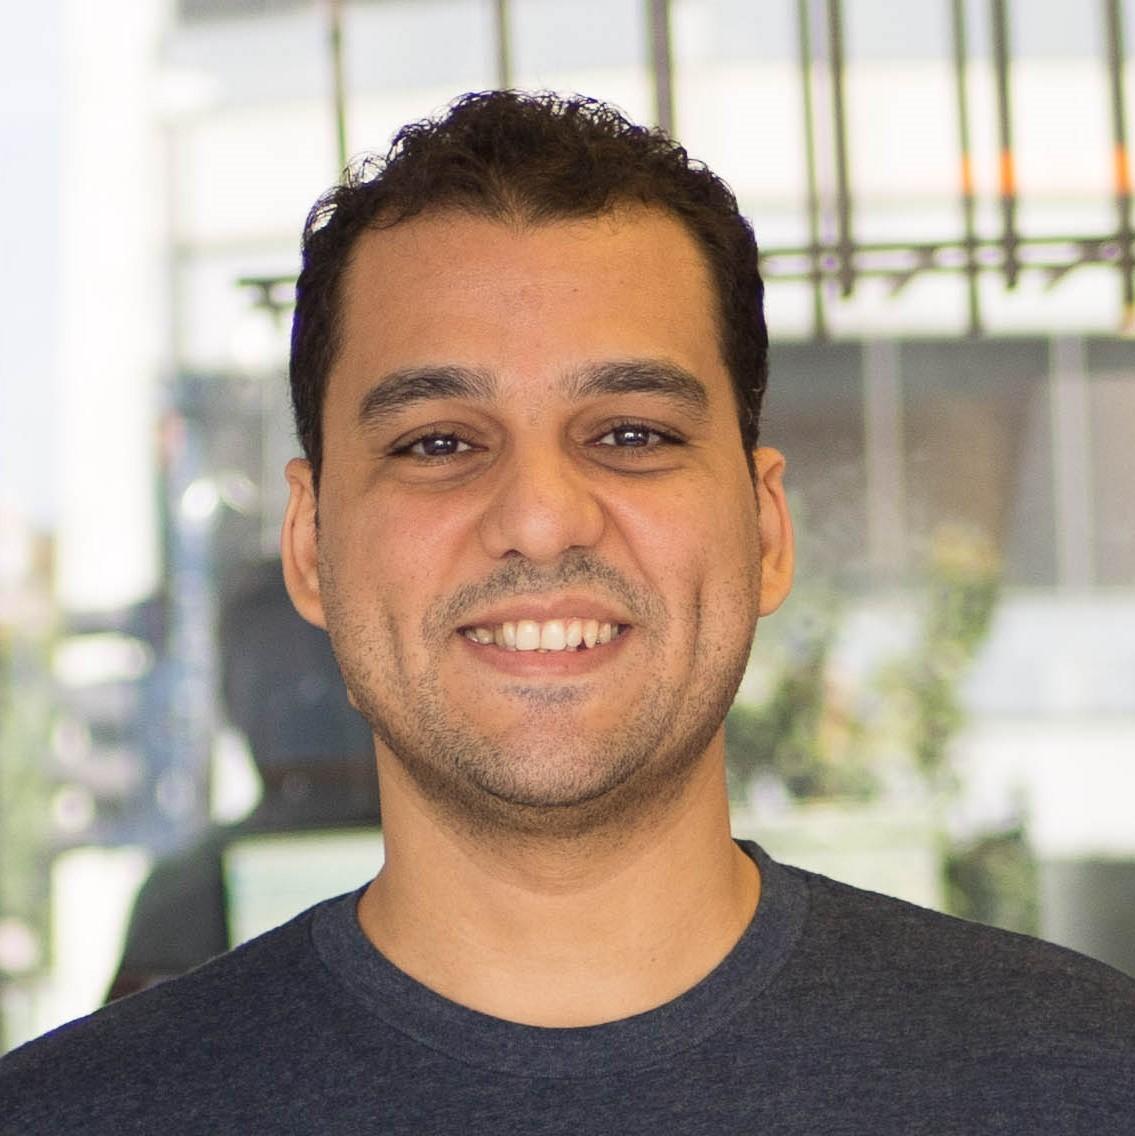 Ahmed Elmalt